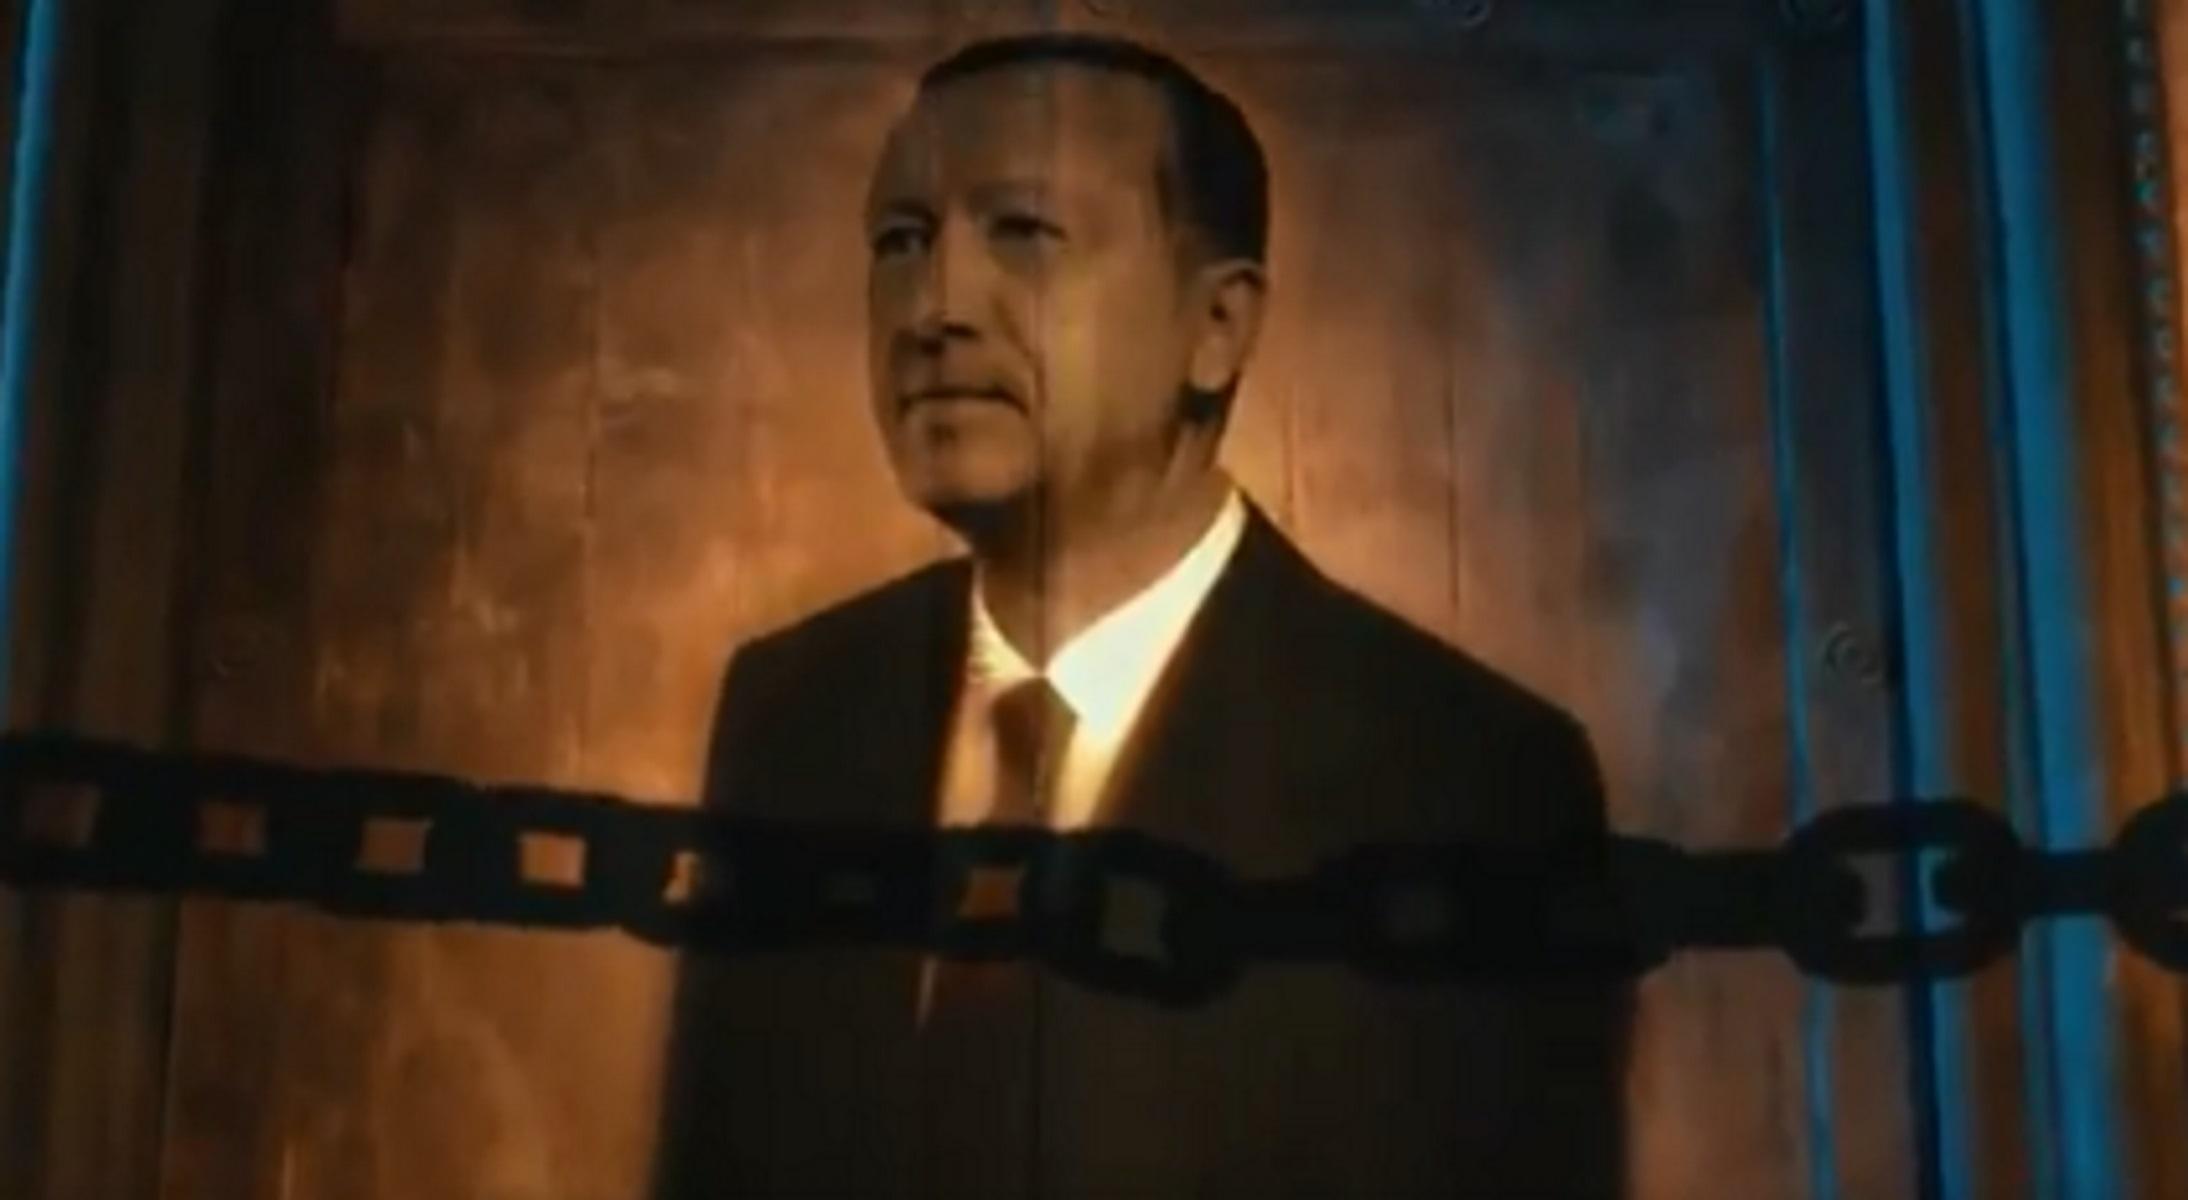 Αγιά Σοφιά: Προκλητικό μήνυμα Ερντογάν και θρασύτατη ανακοίνωση του τουρκικού ΥΠΕΞ